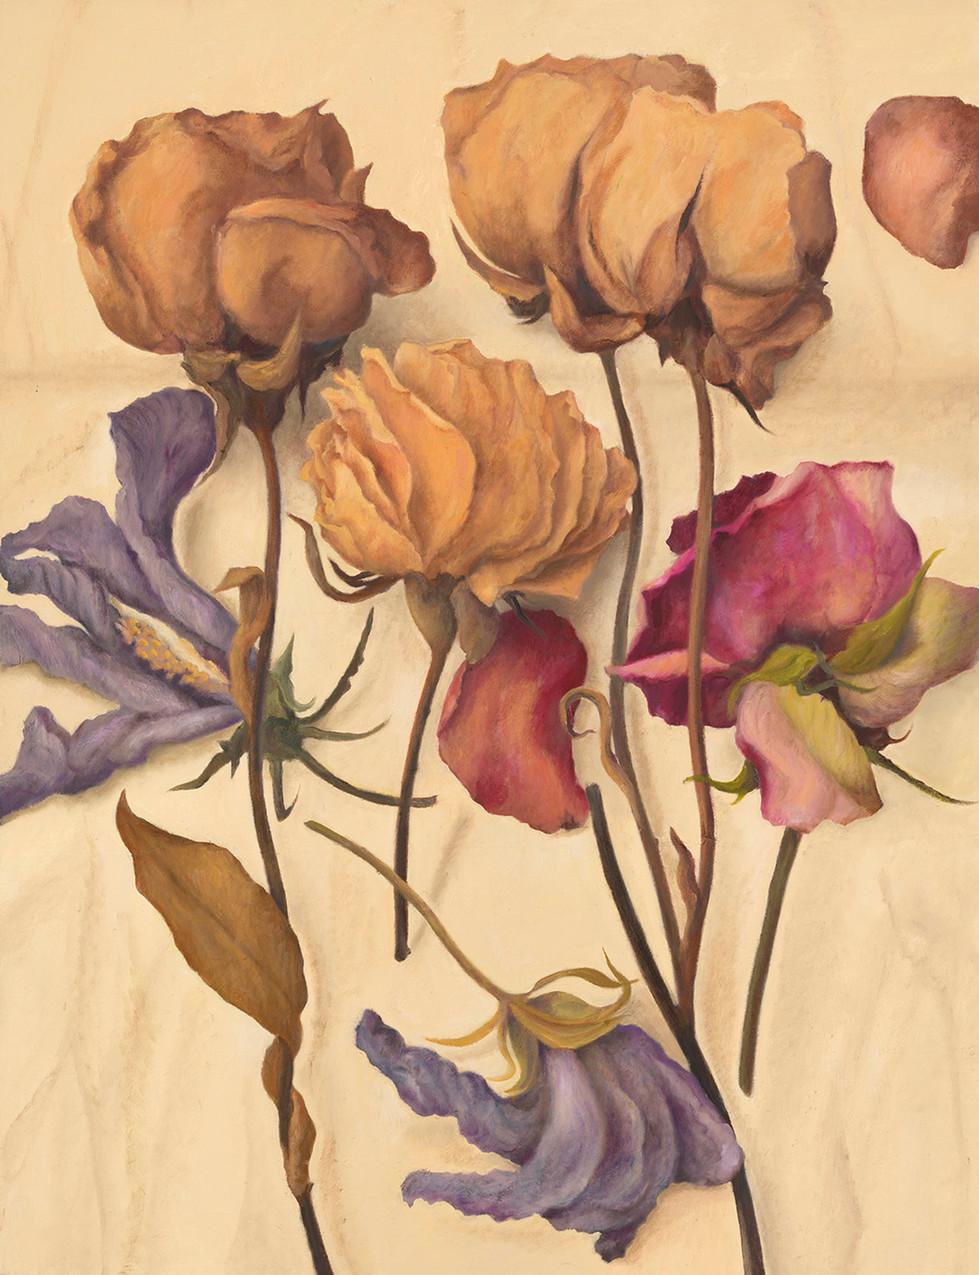 Senza titolo, 2017, olio su carta su tela, cm 130 x 100